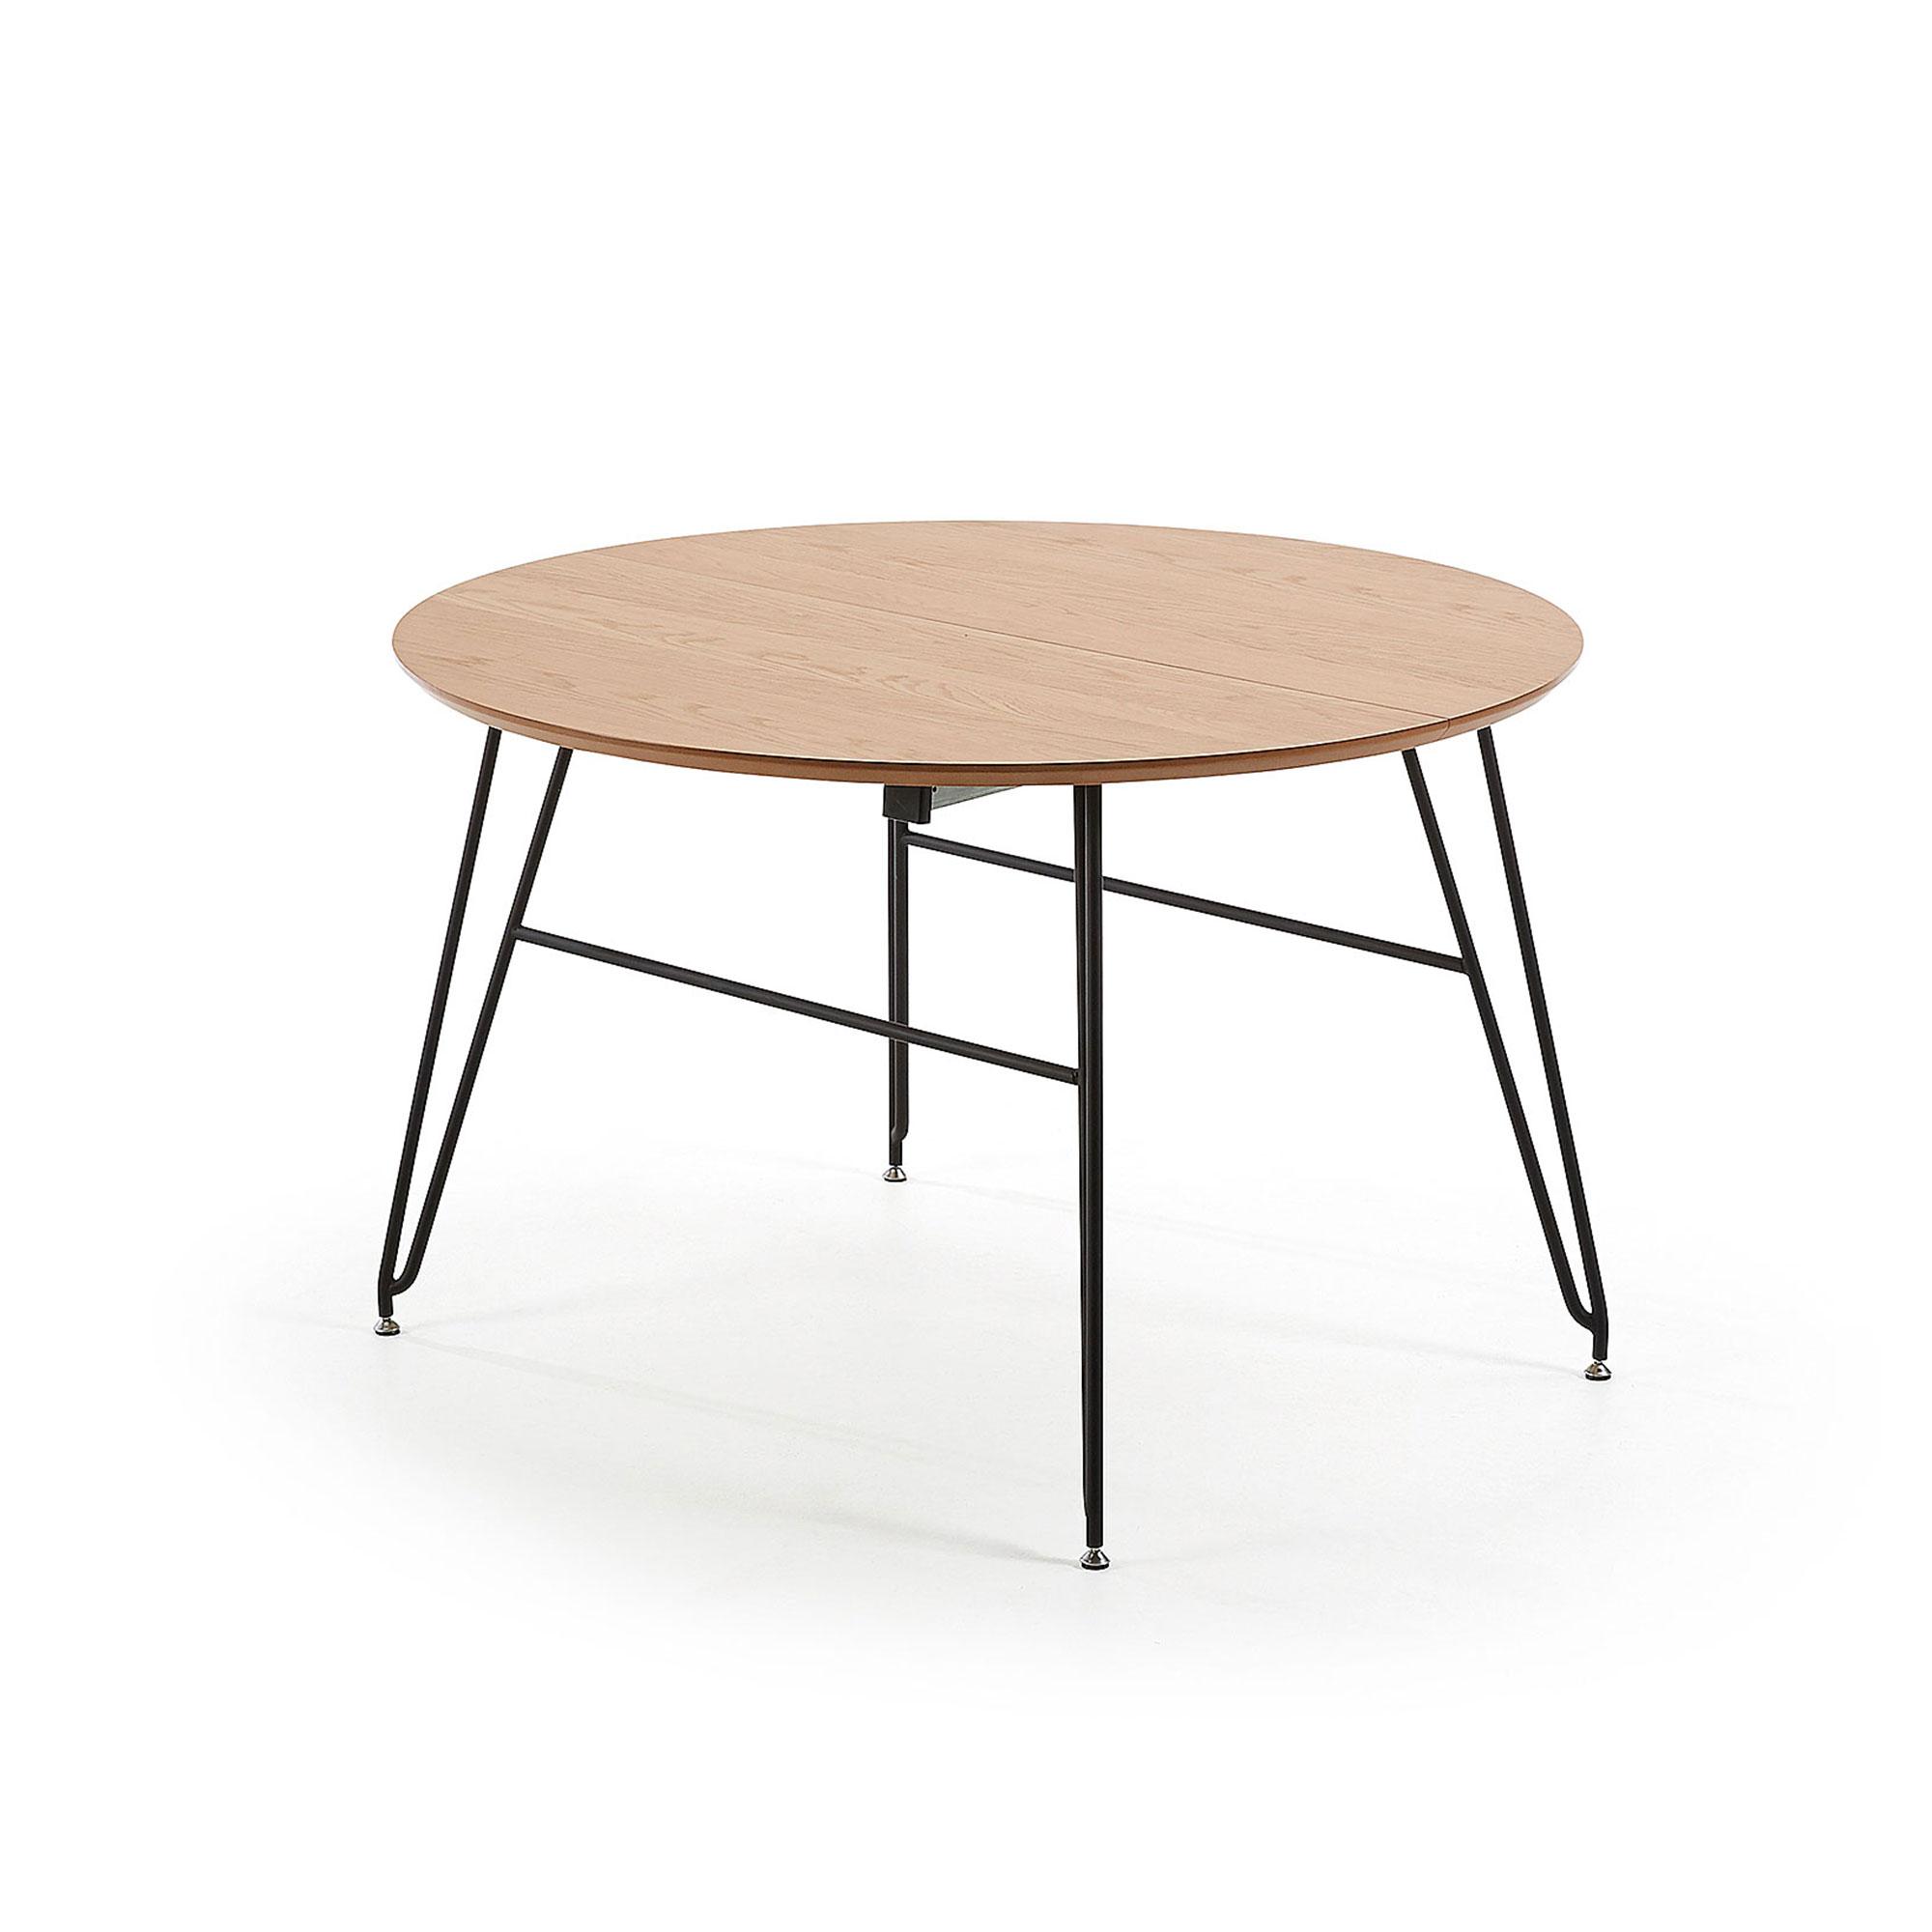 laforma Laforma novaks spisebord - natur/sort egetræsfin?r/metal, rund, m. udtræk (120(200)120) fra boboonline.dk